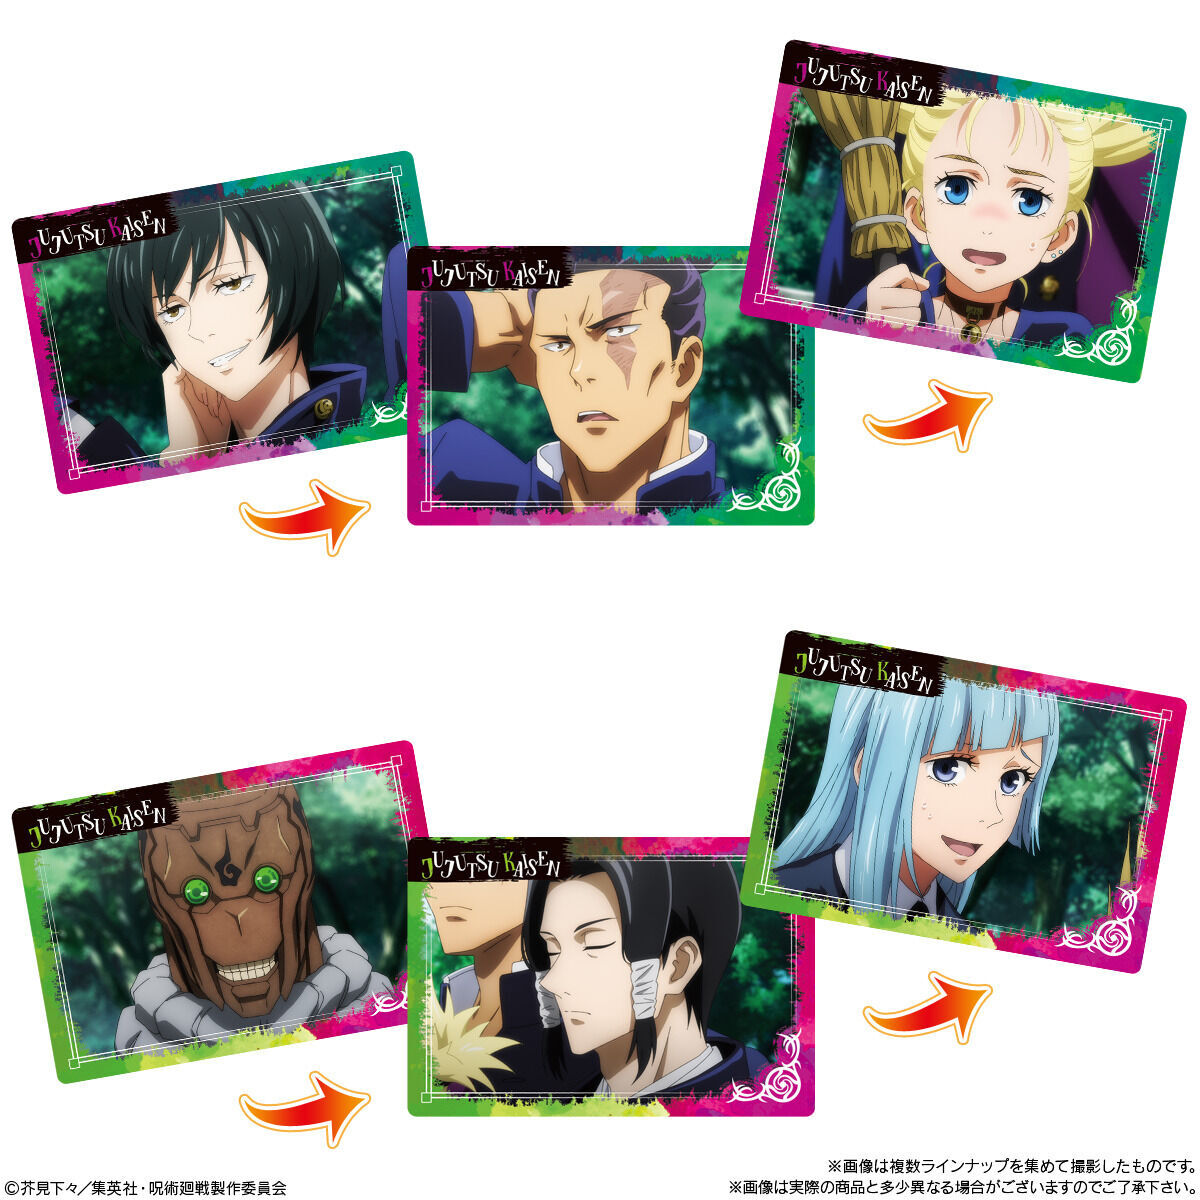 【食玩】呪術廻戦『呪術廻戦 PLAY BACKカードチョコスナック2』10個入りBOX-003